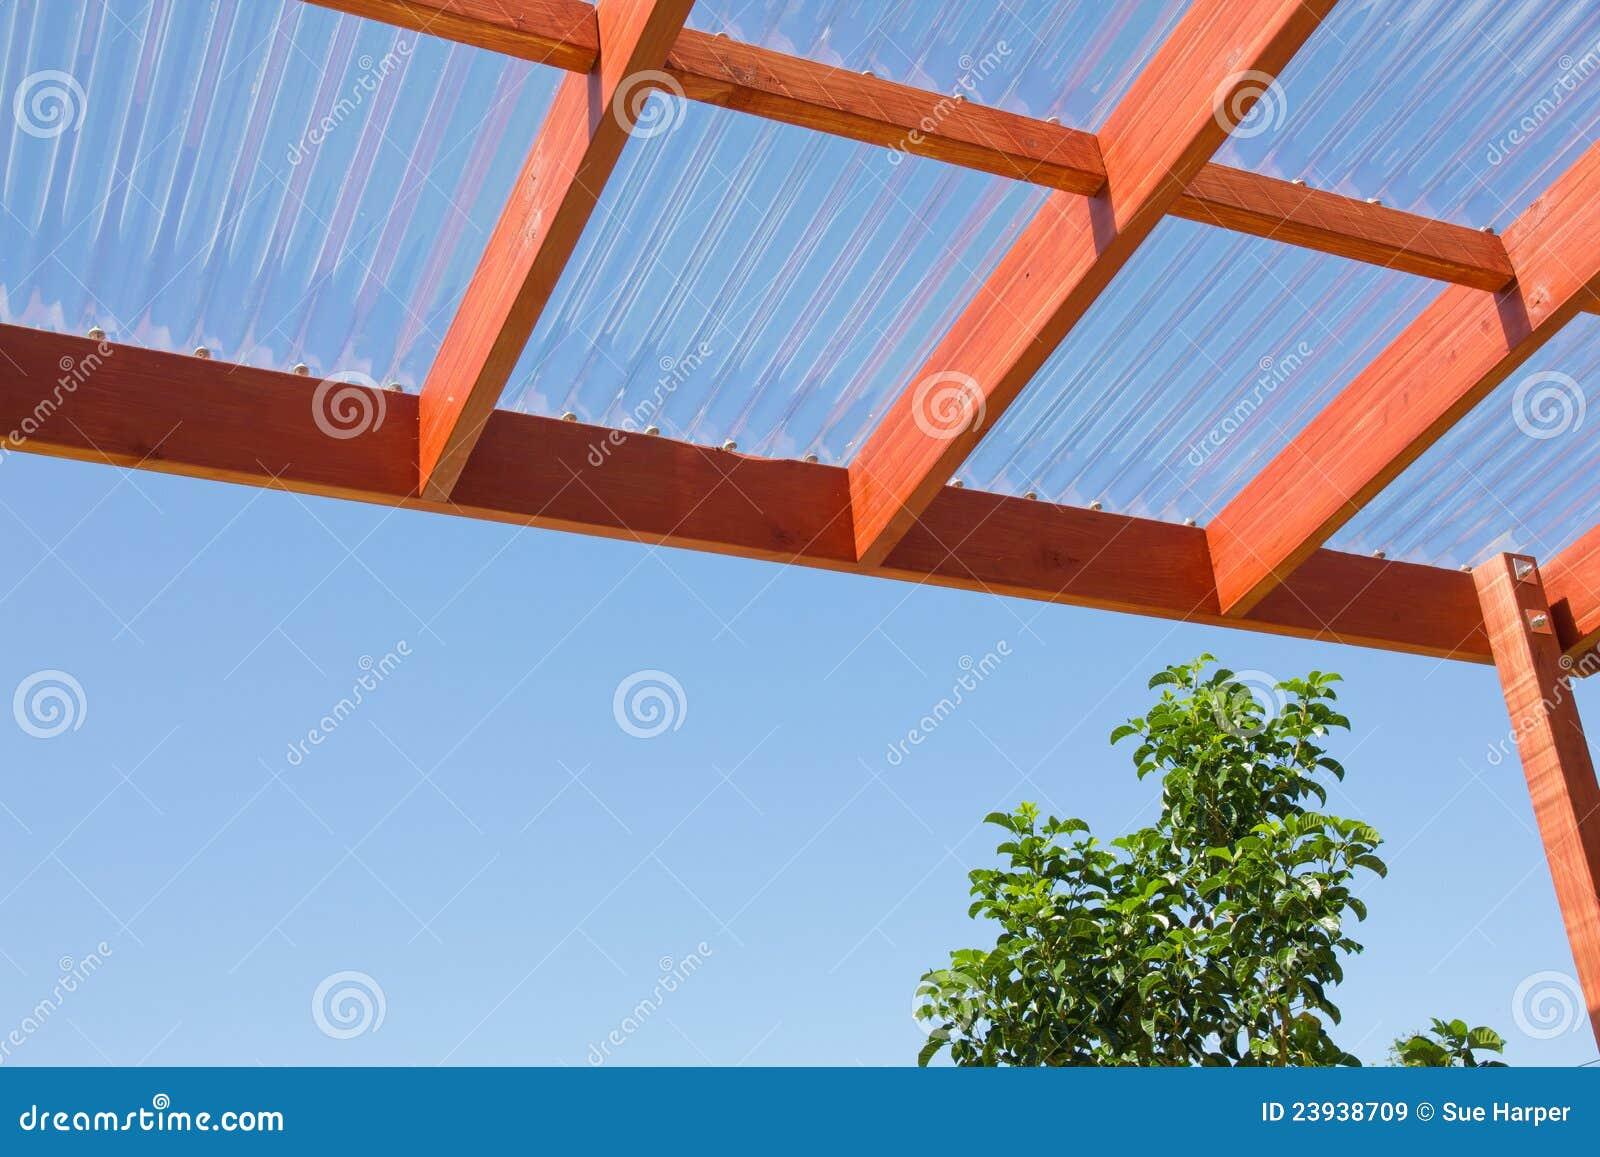 Houten pergola tegen blauwe hemel royalty vrije stock afbeeldingen beeld 23938709 - Voorbeeld van houten pergola ...